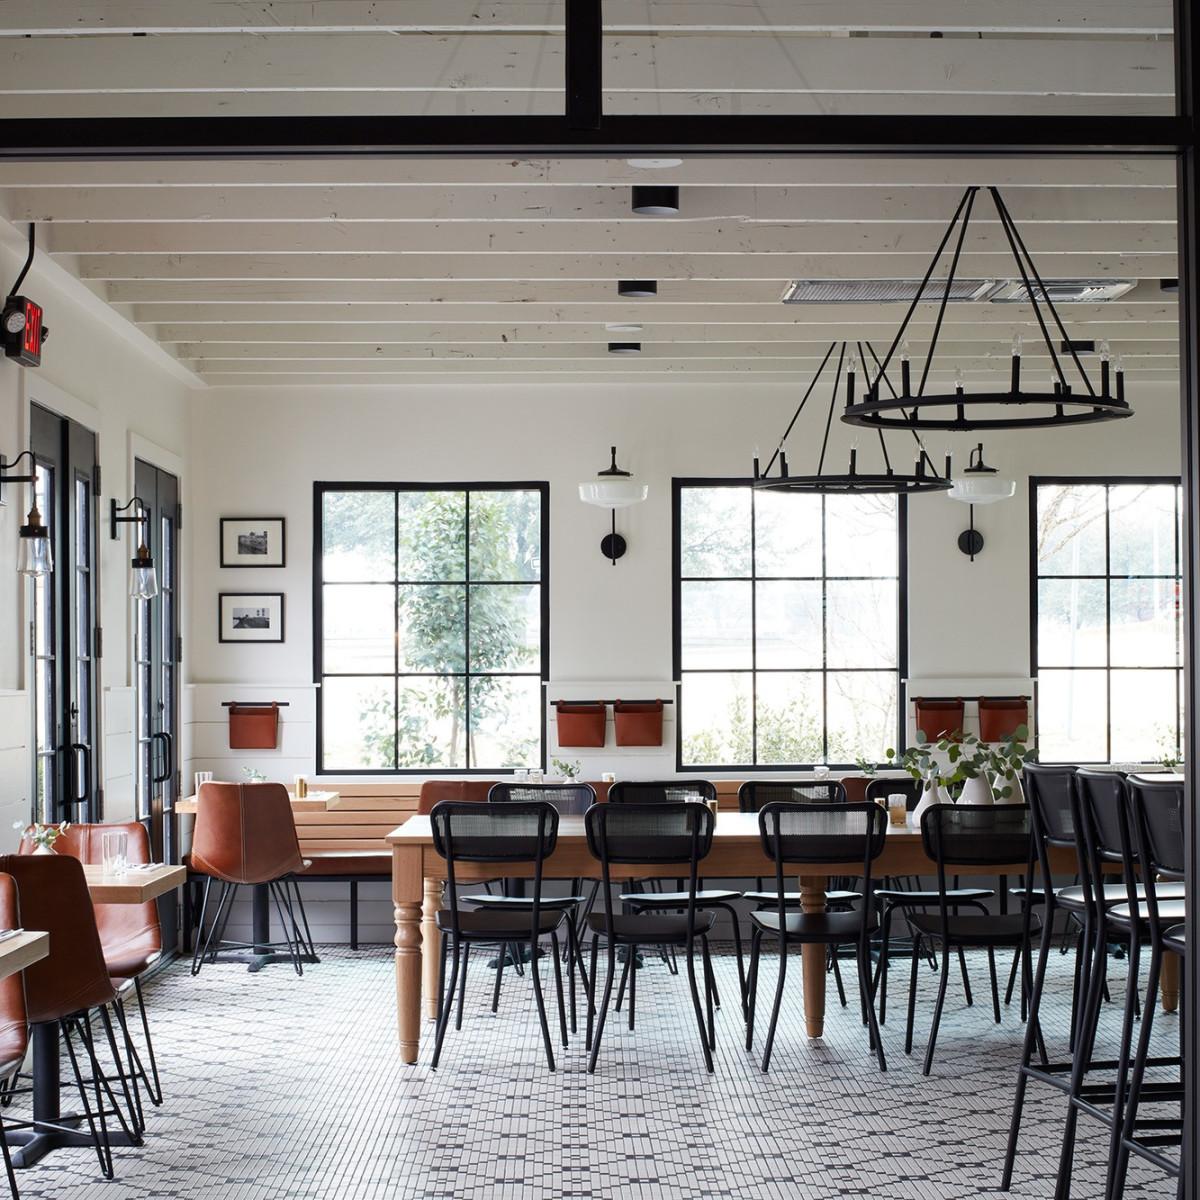 Magnolia Table Waco interior